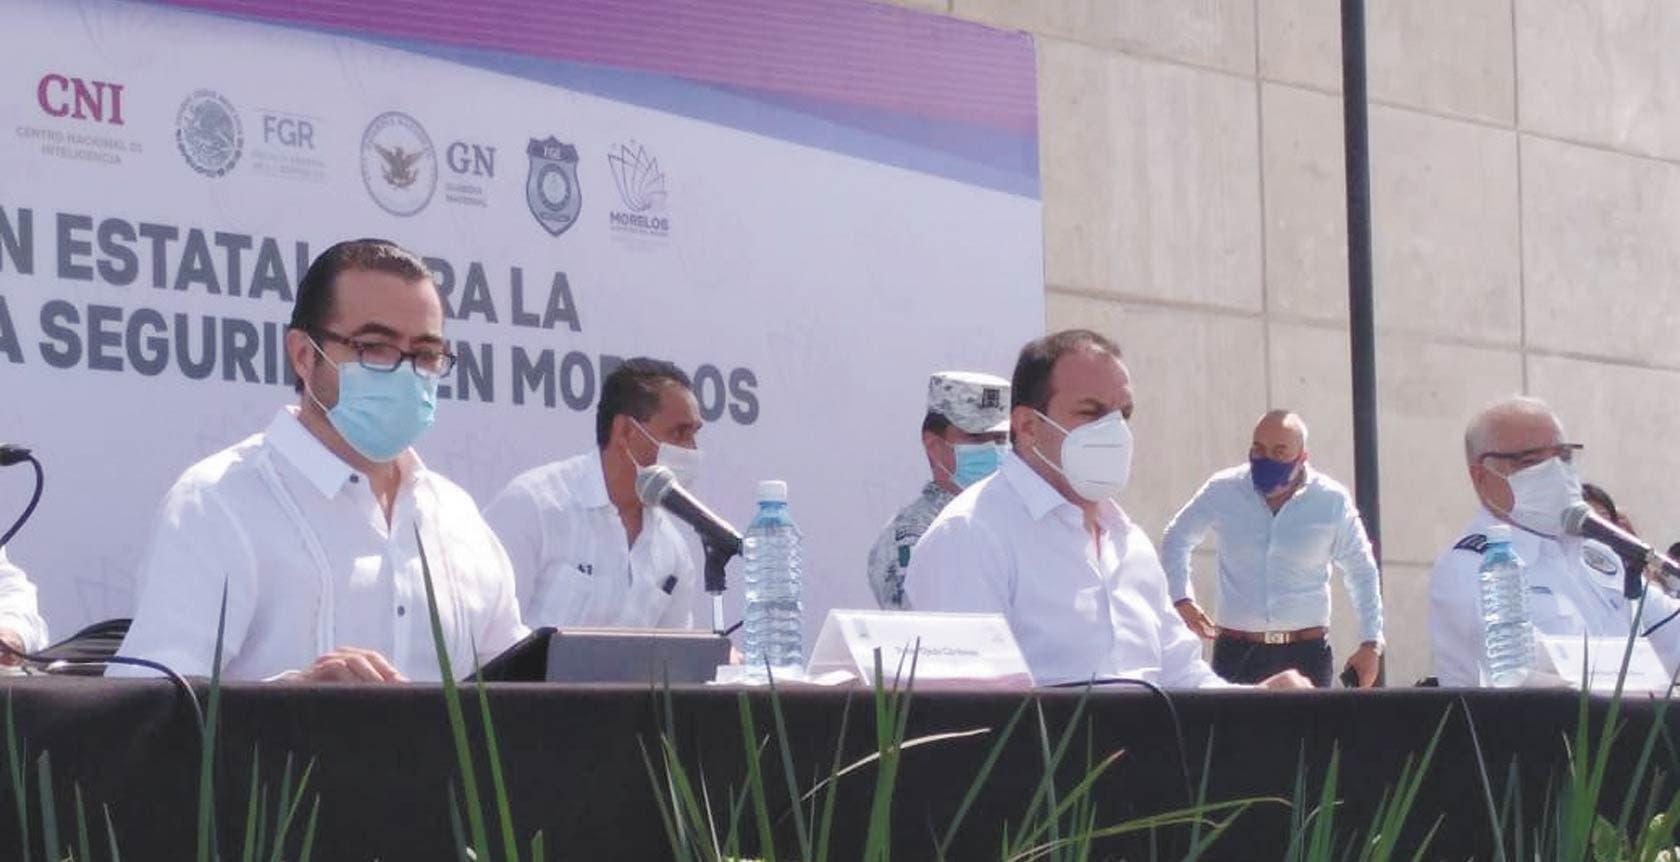 Da resultados combate frontal al crimen organizado en Morelos